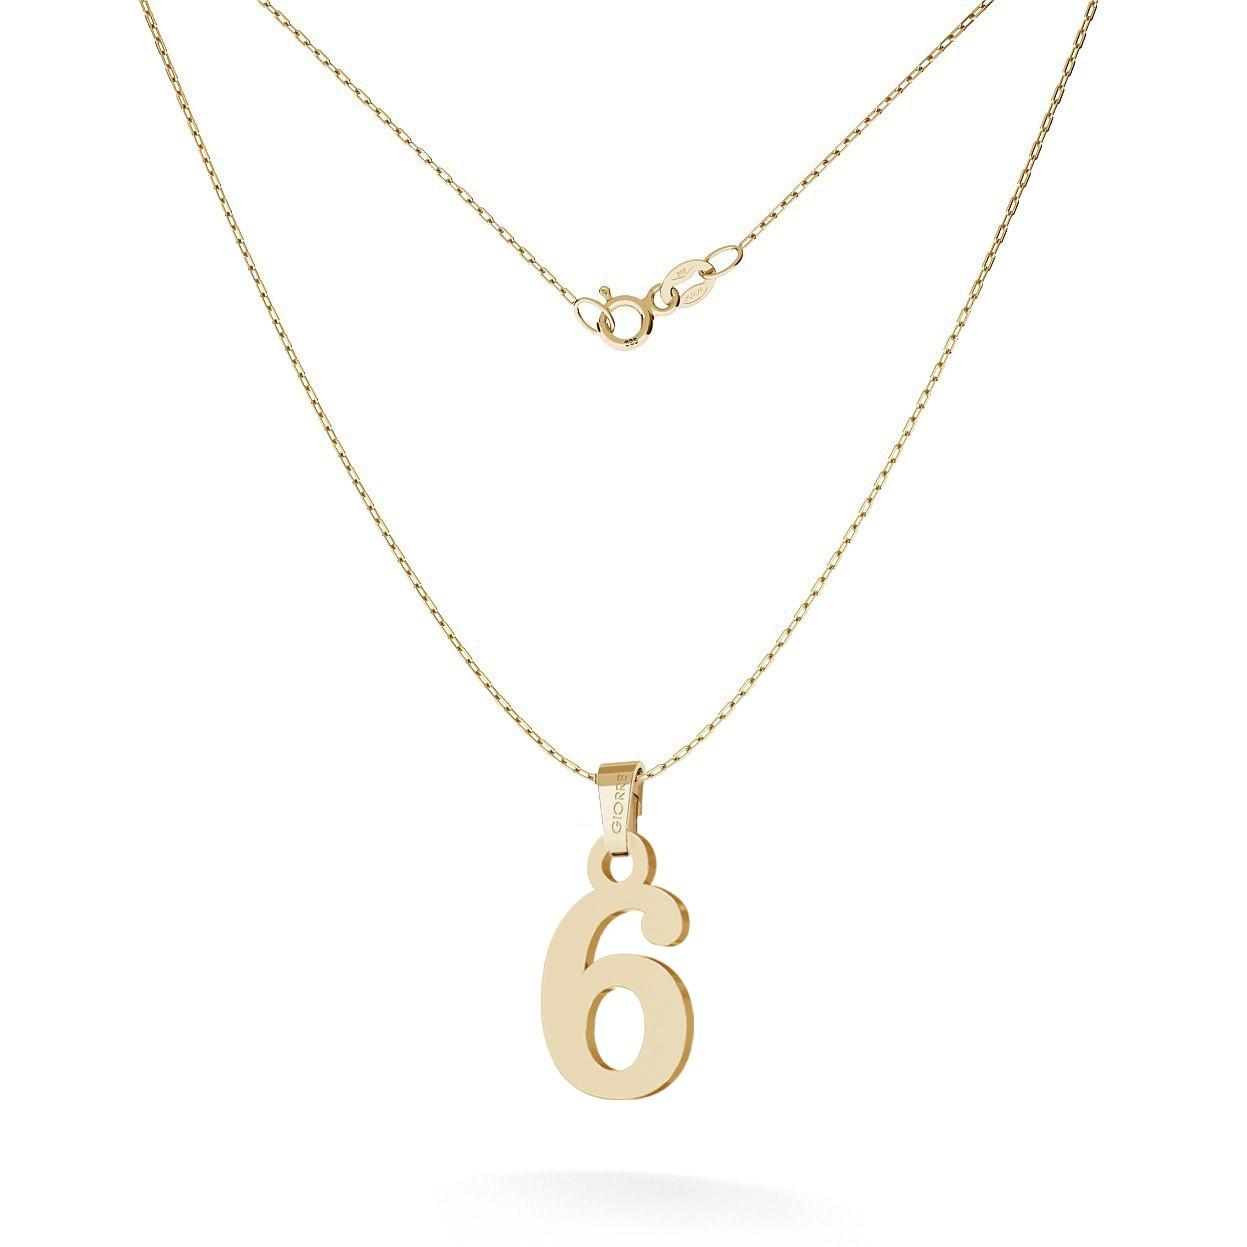 Złoty naszyjnik z cyfrą, srebro 925